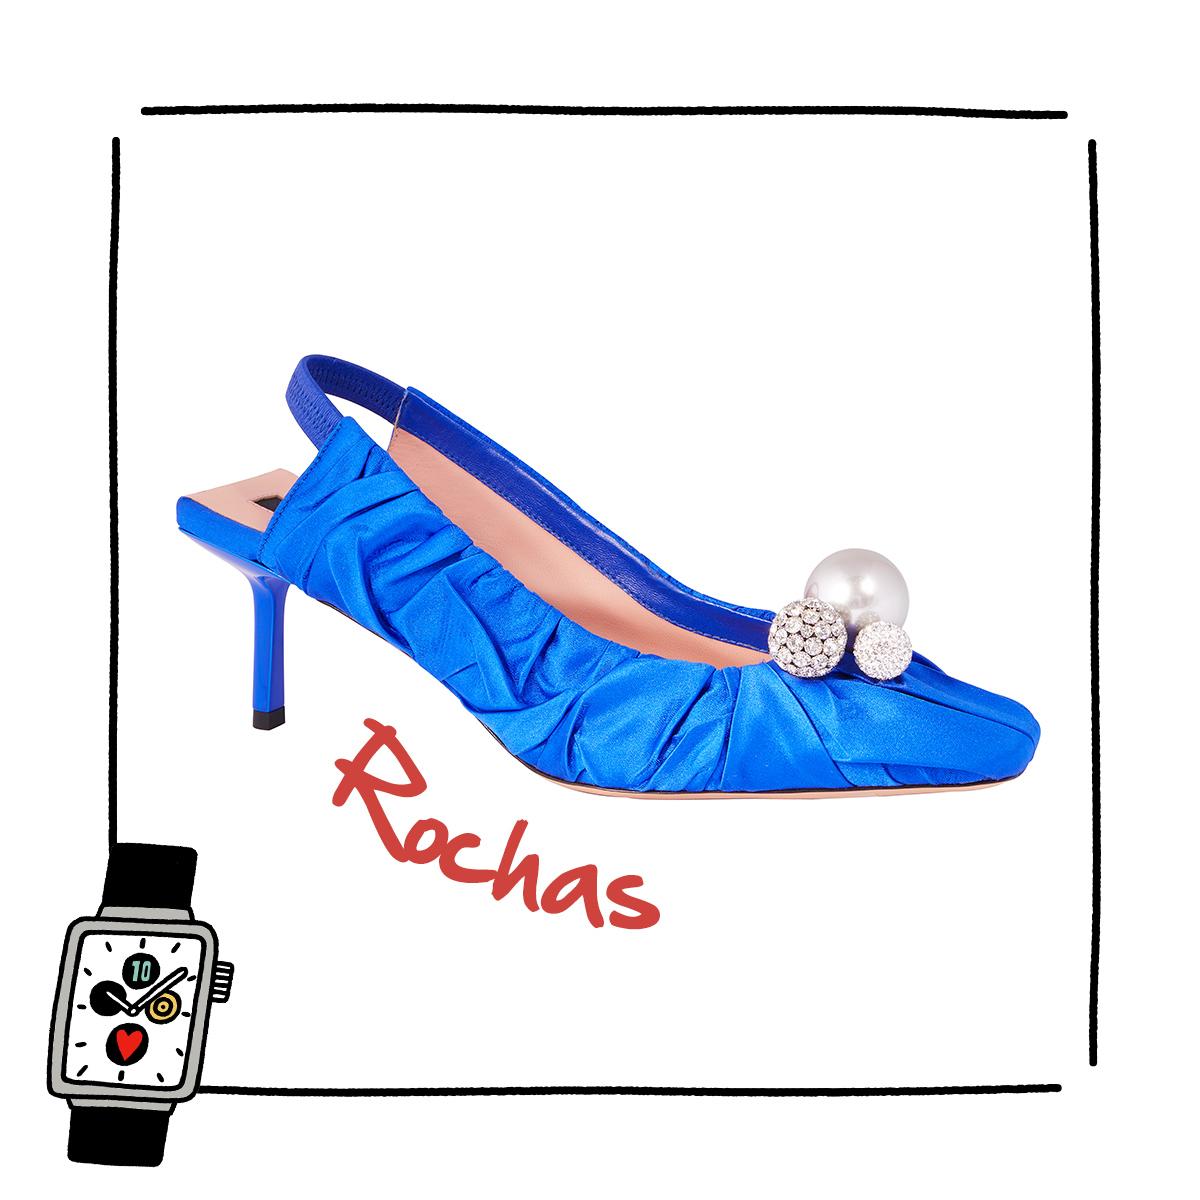 鮮やかなブルーでドレスアップ【ロシャス】